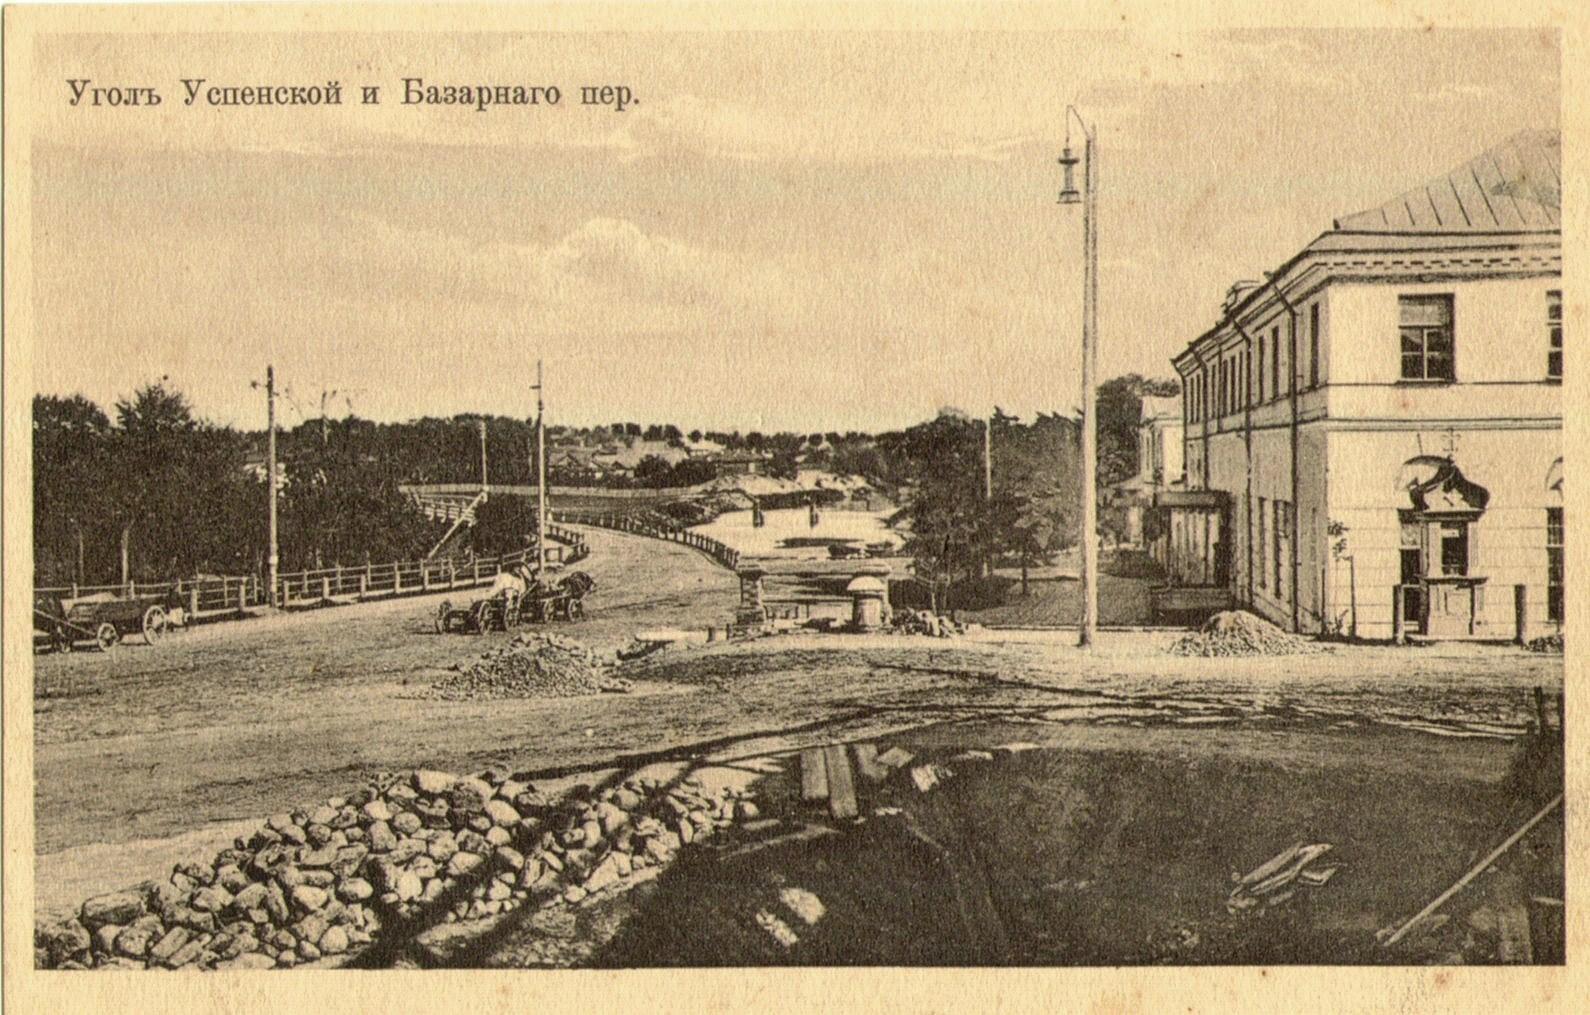 Угол Успенской улицы и Базарного переулка